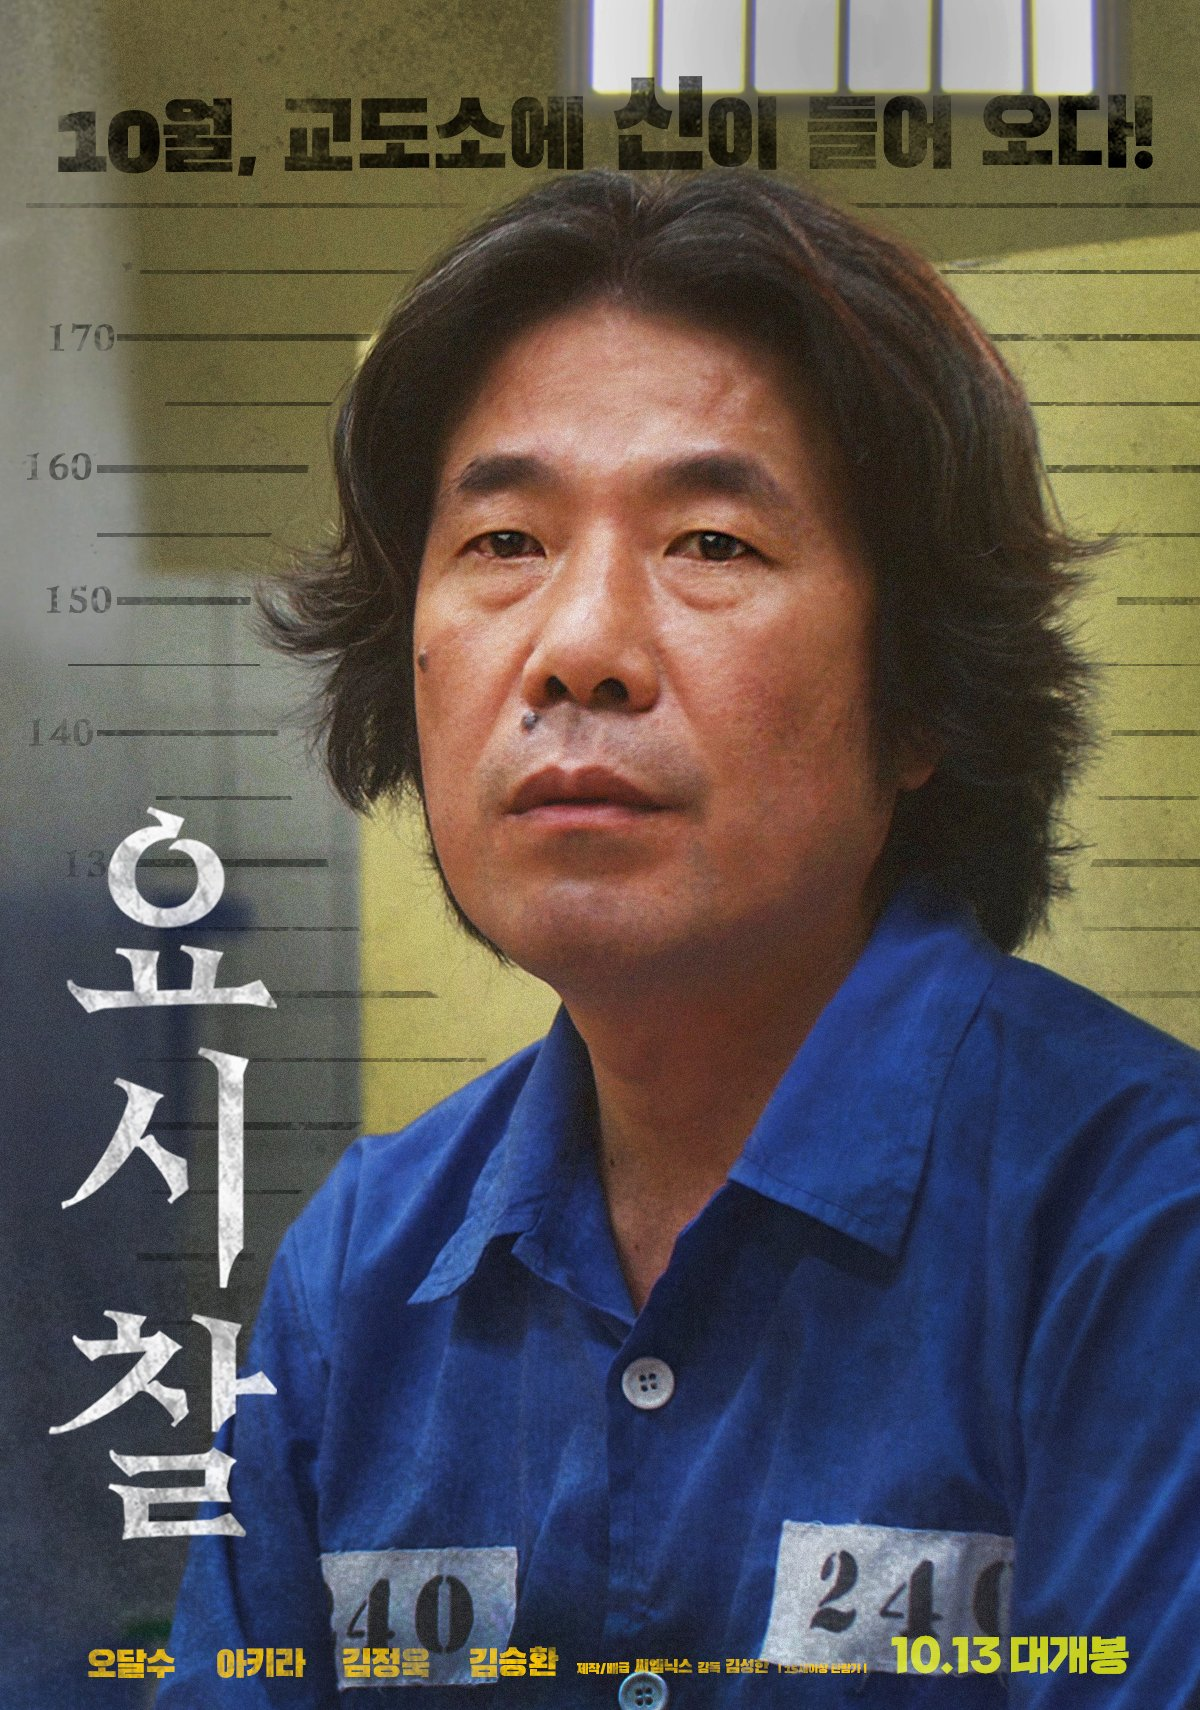 监视对象 요시찰 (2021)